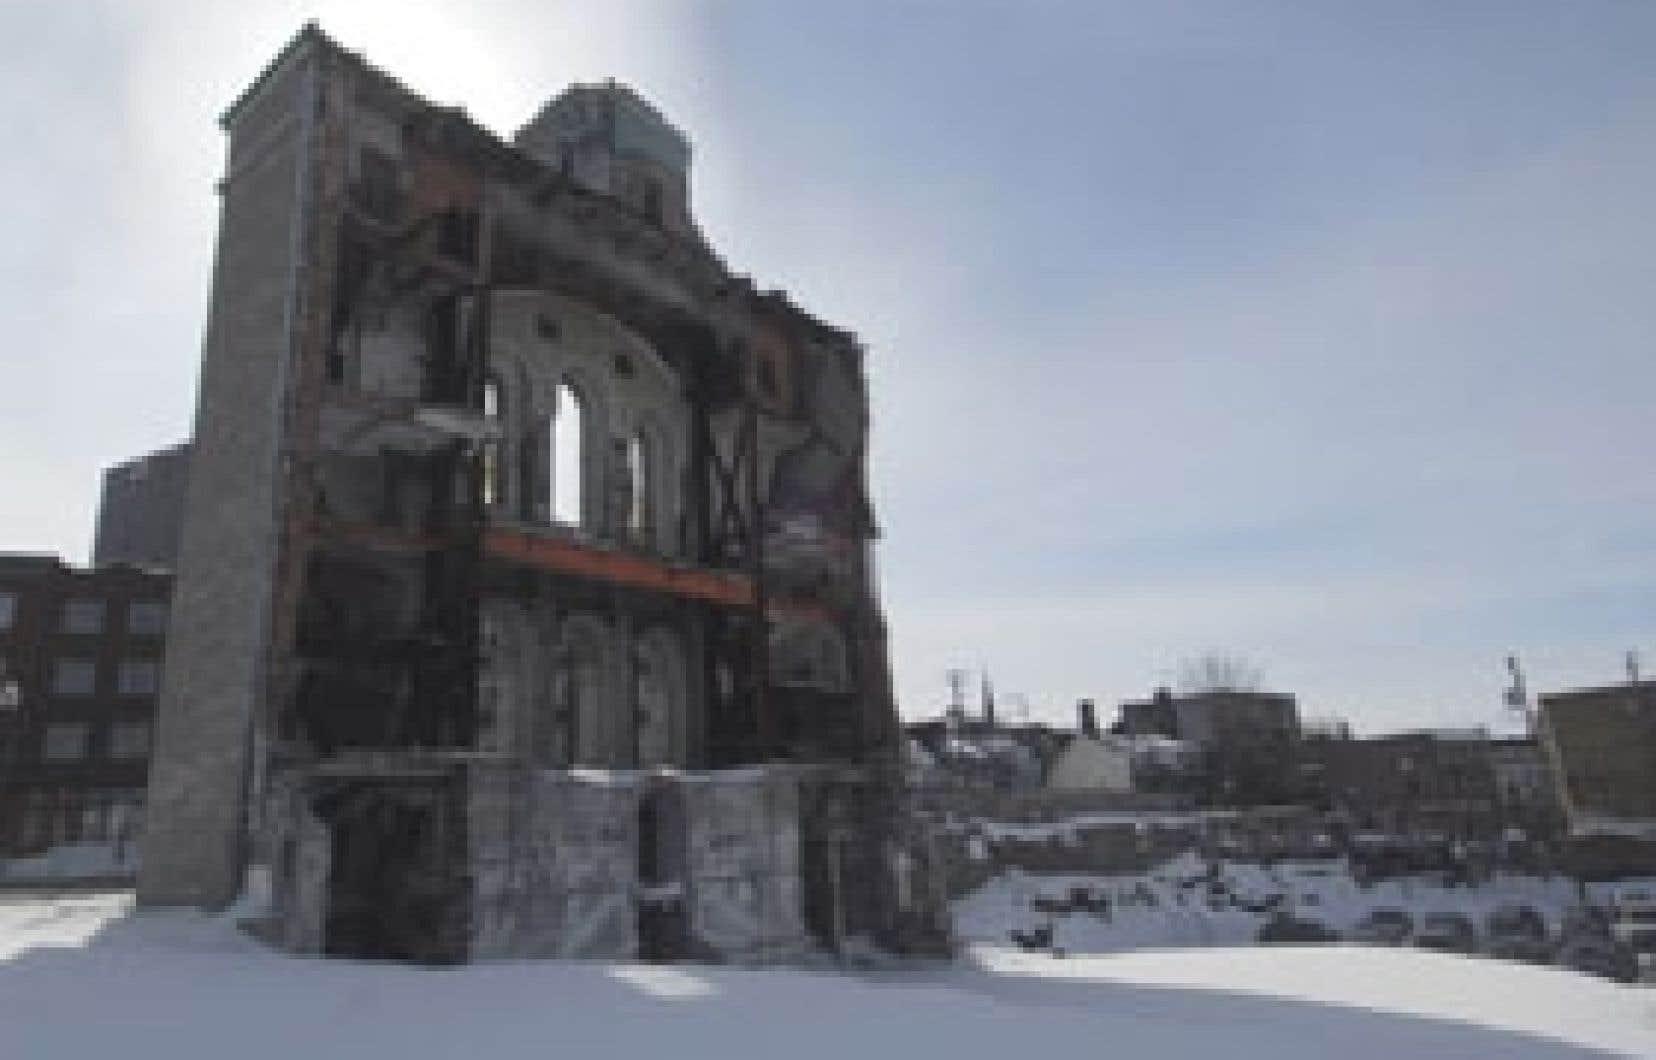 Traversée par le soleil de fin de journée, la vieille façade de Saint-Vincent-de-Paul, à Québec, offre des points de vue magnifiques.